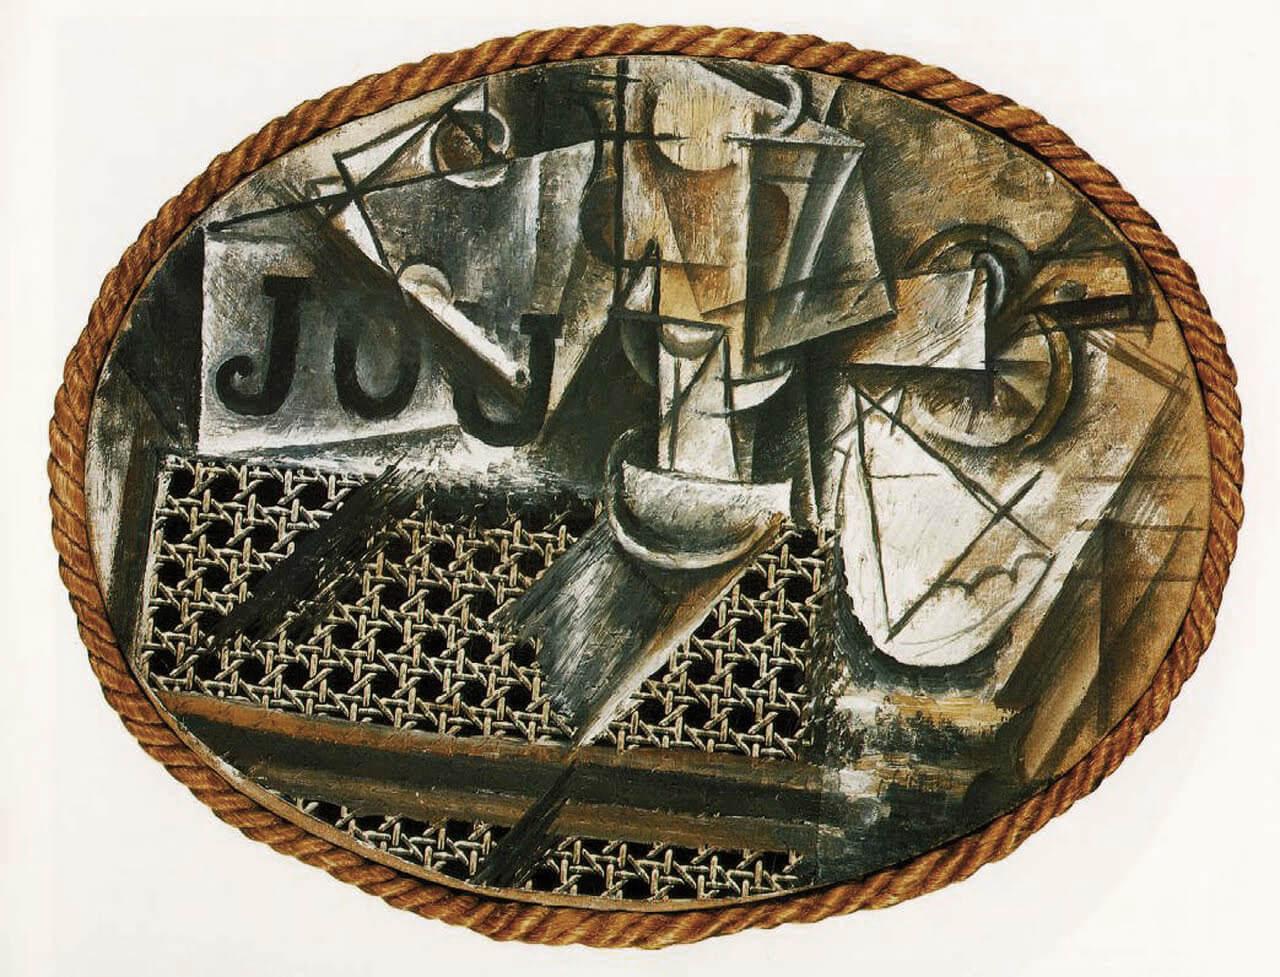 Naturaleza muerta con silla de rejilla Collage 1912 Picasso